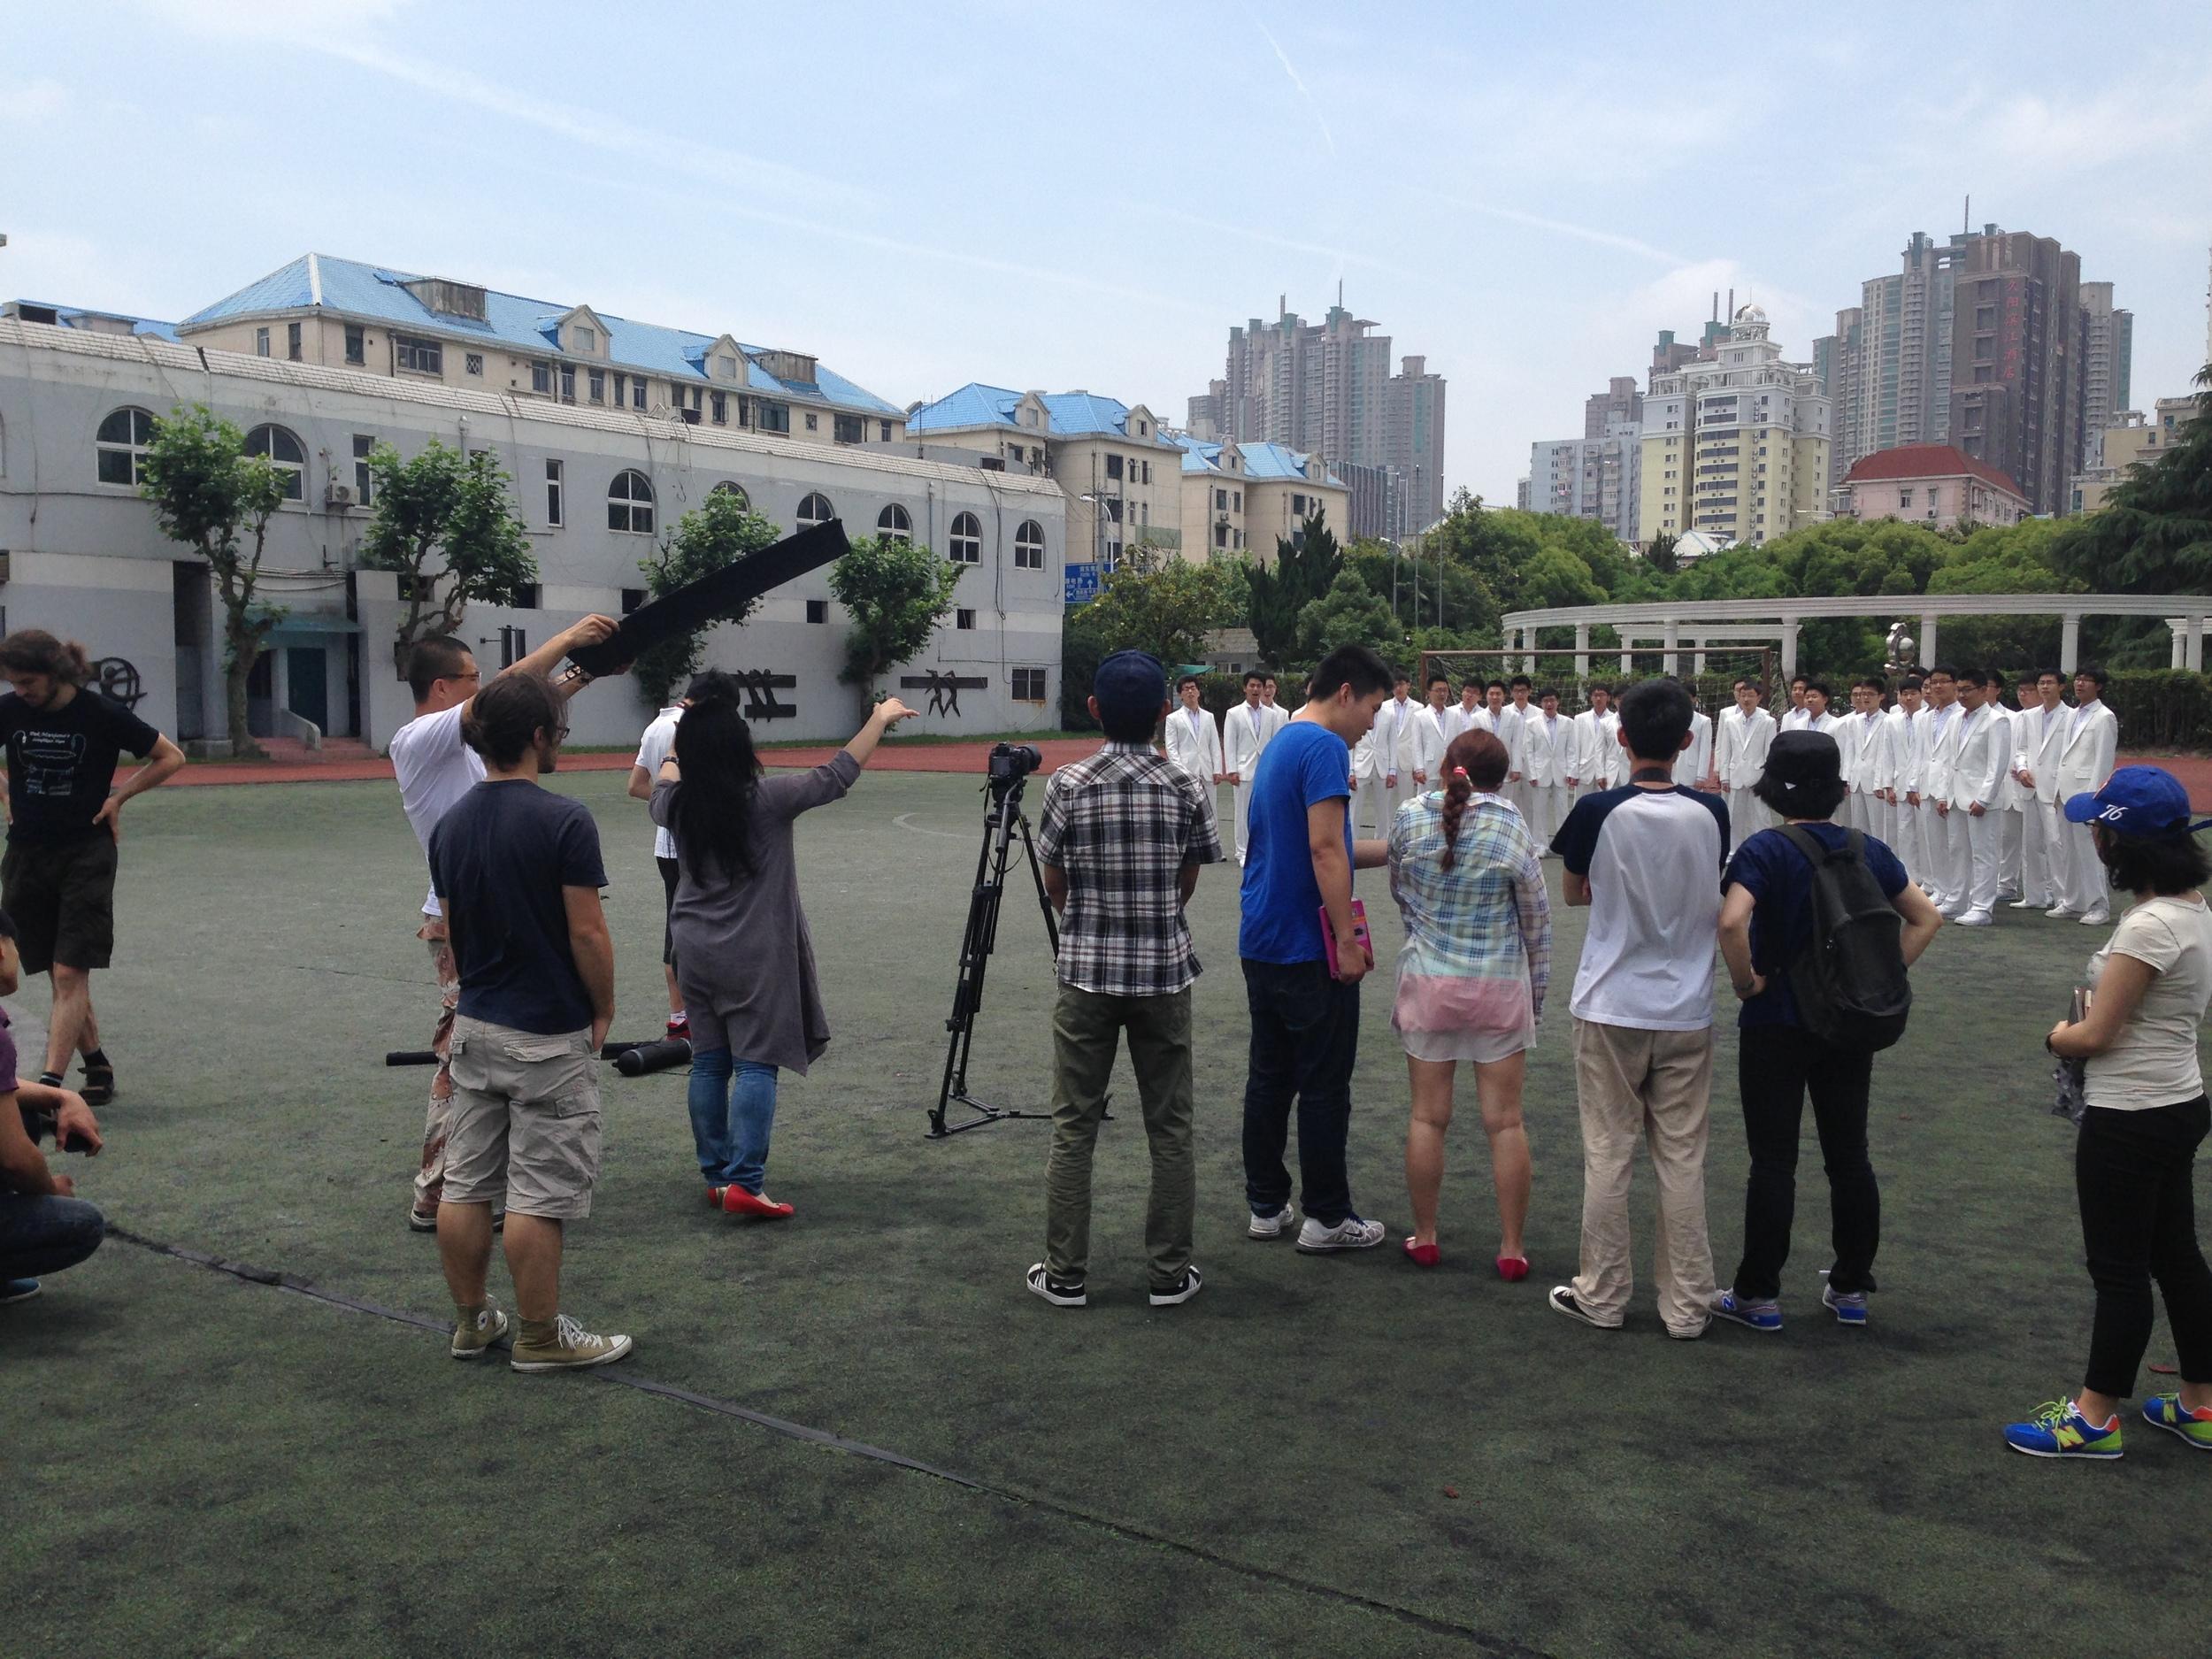 Shooting the choir singing on campus of Yangjing High School.